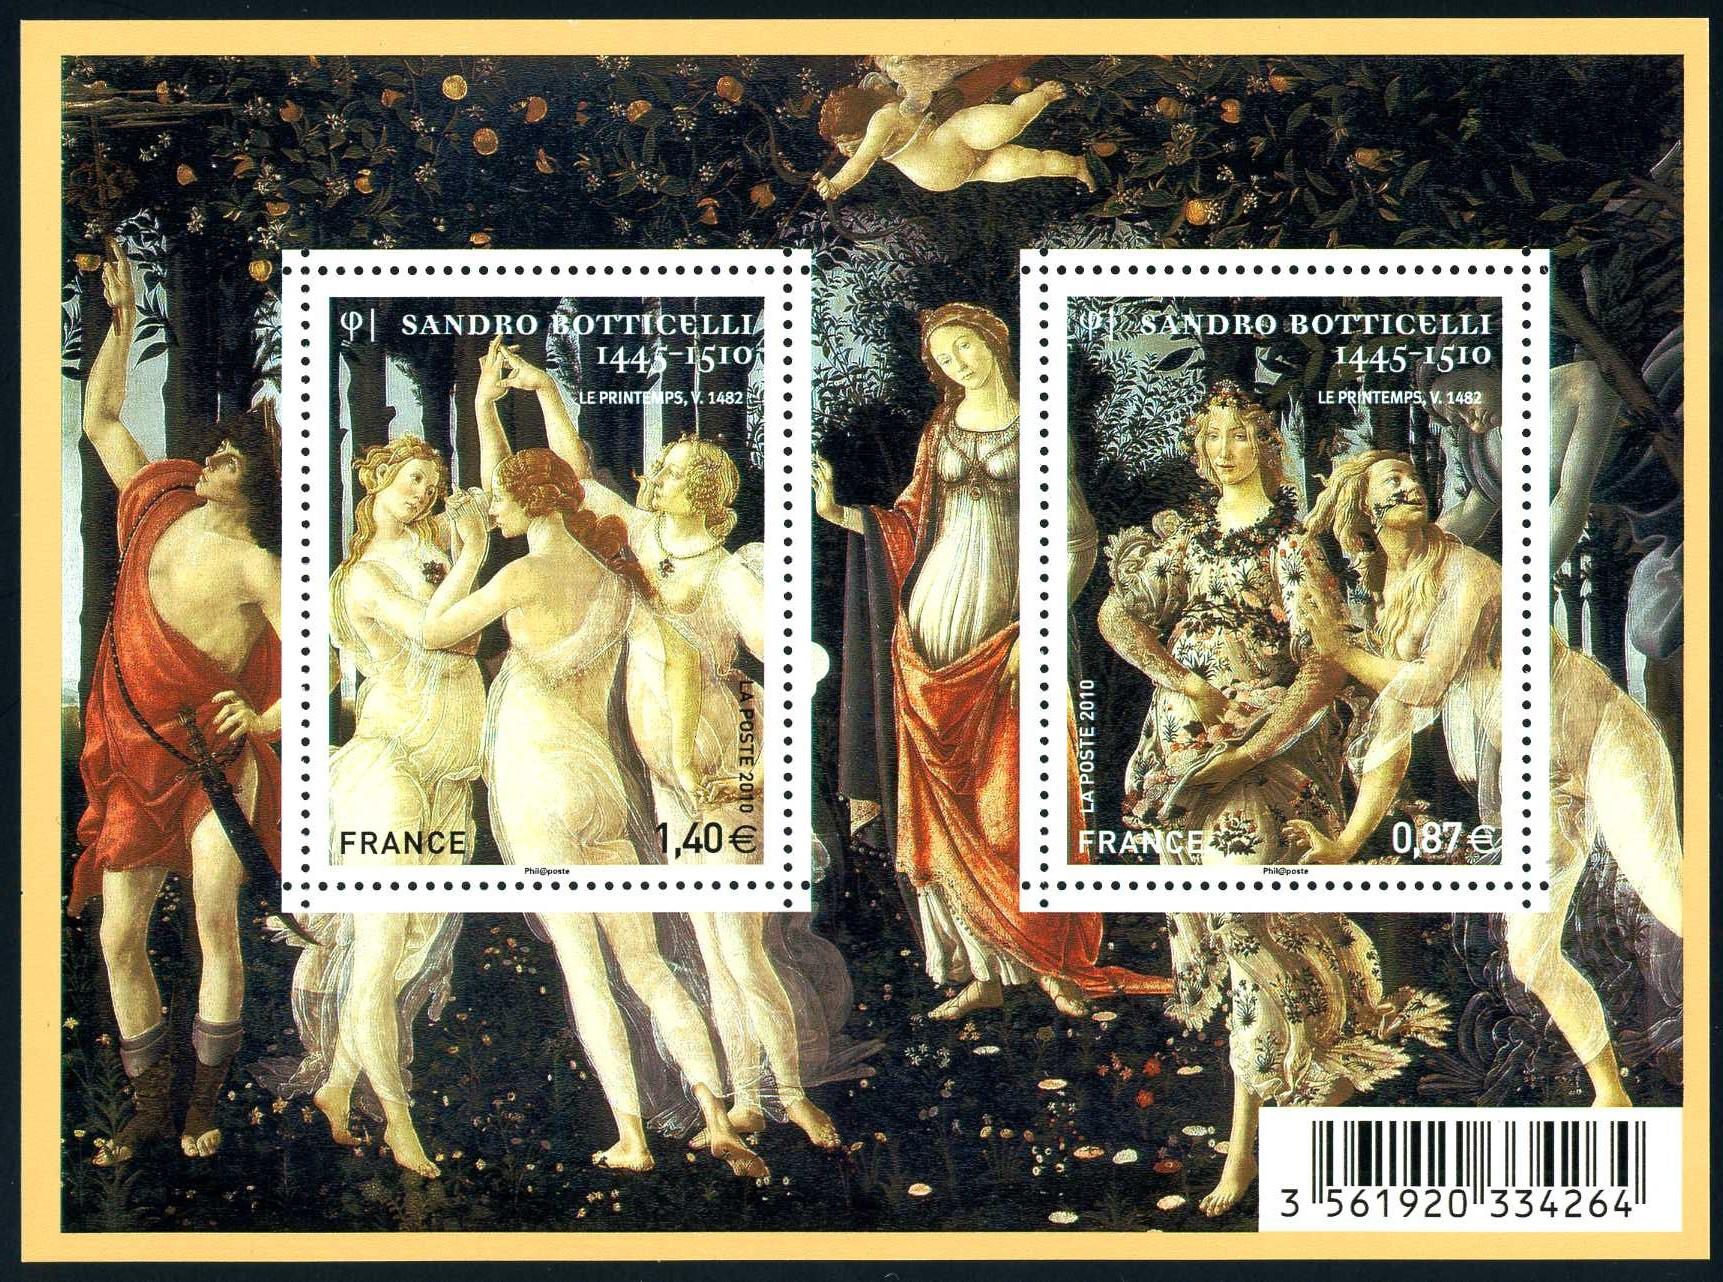 FR 084 2010 Botticelli.jpg